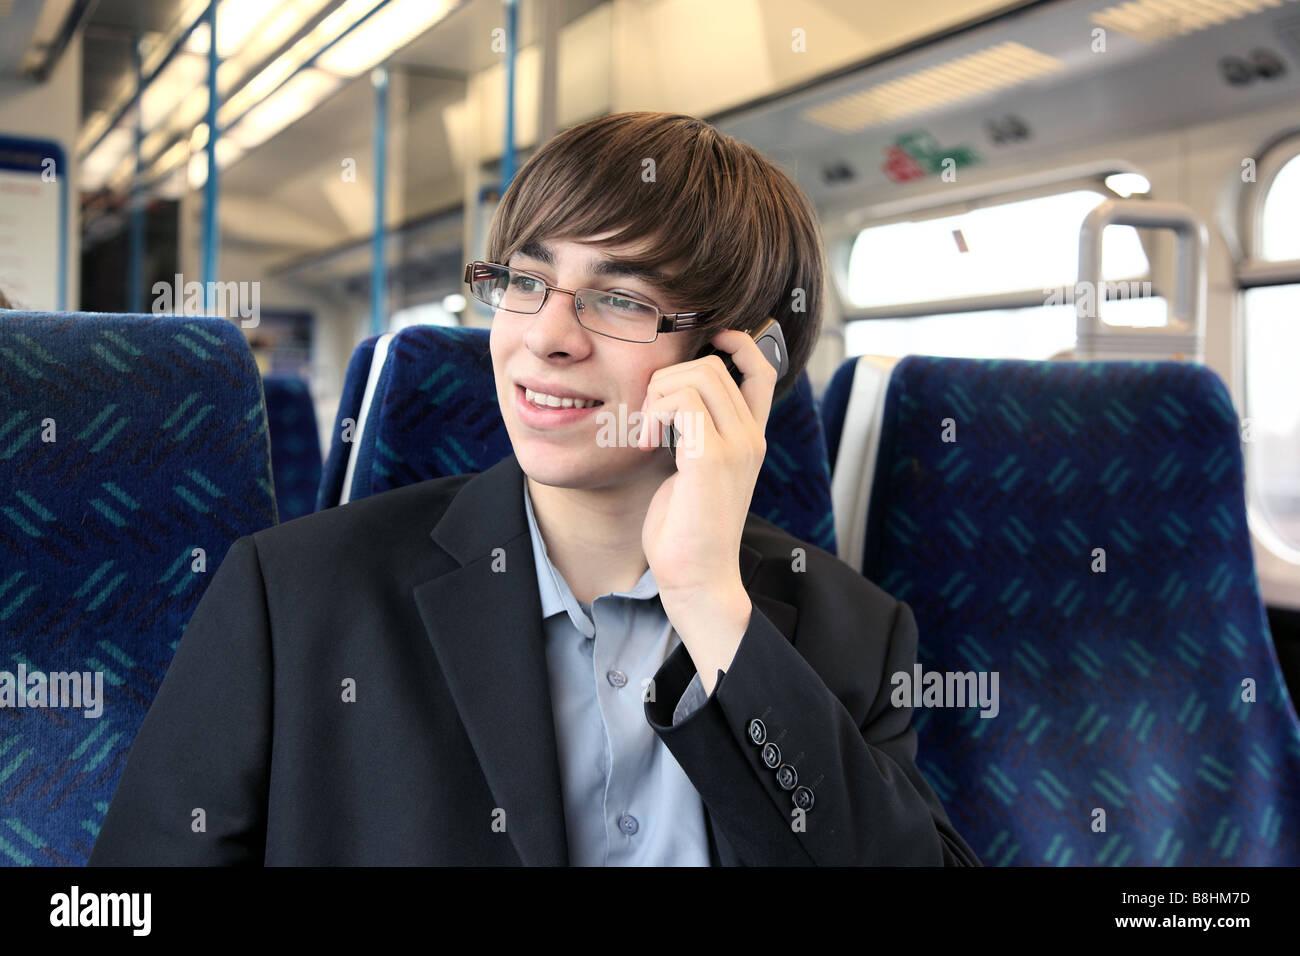 Un hombre joven con un teléfono móvil o celular en un tren Imagen De Stock